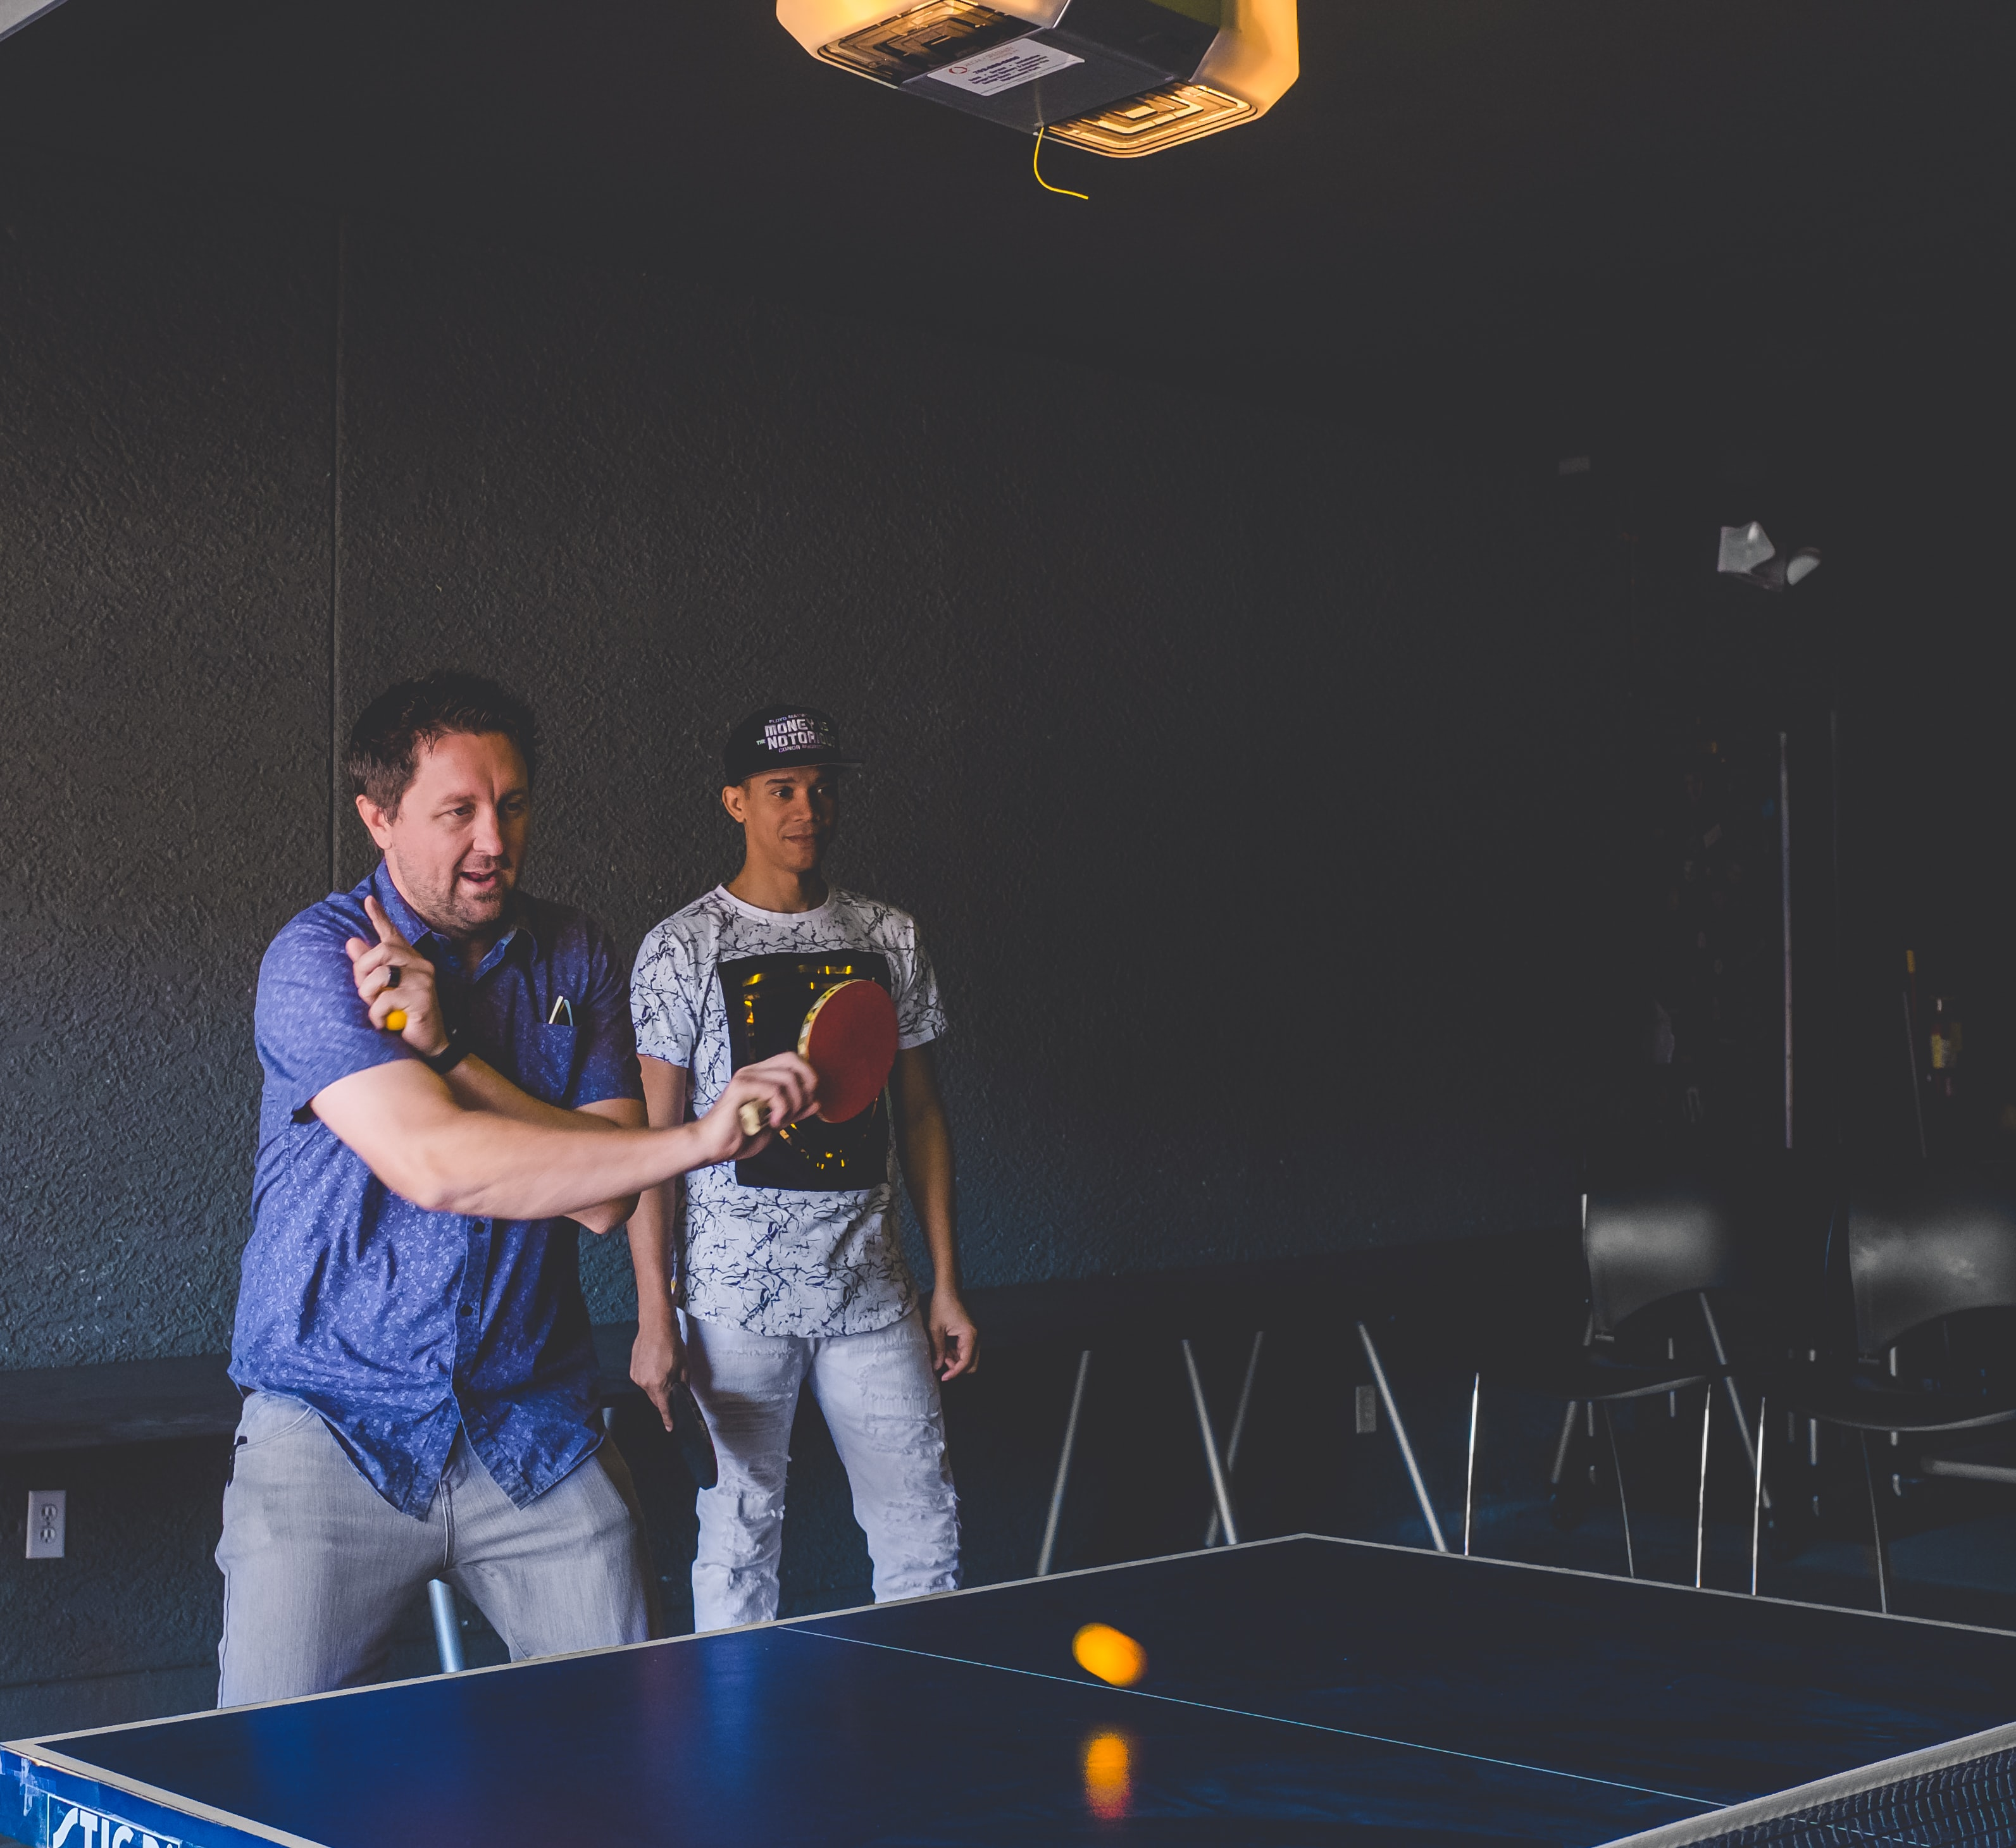 man playing table tennis